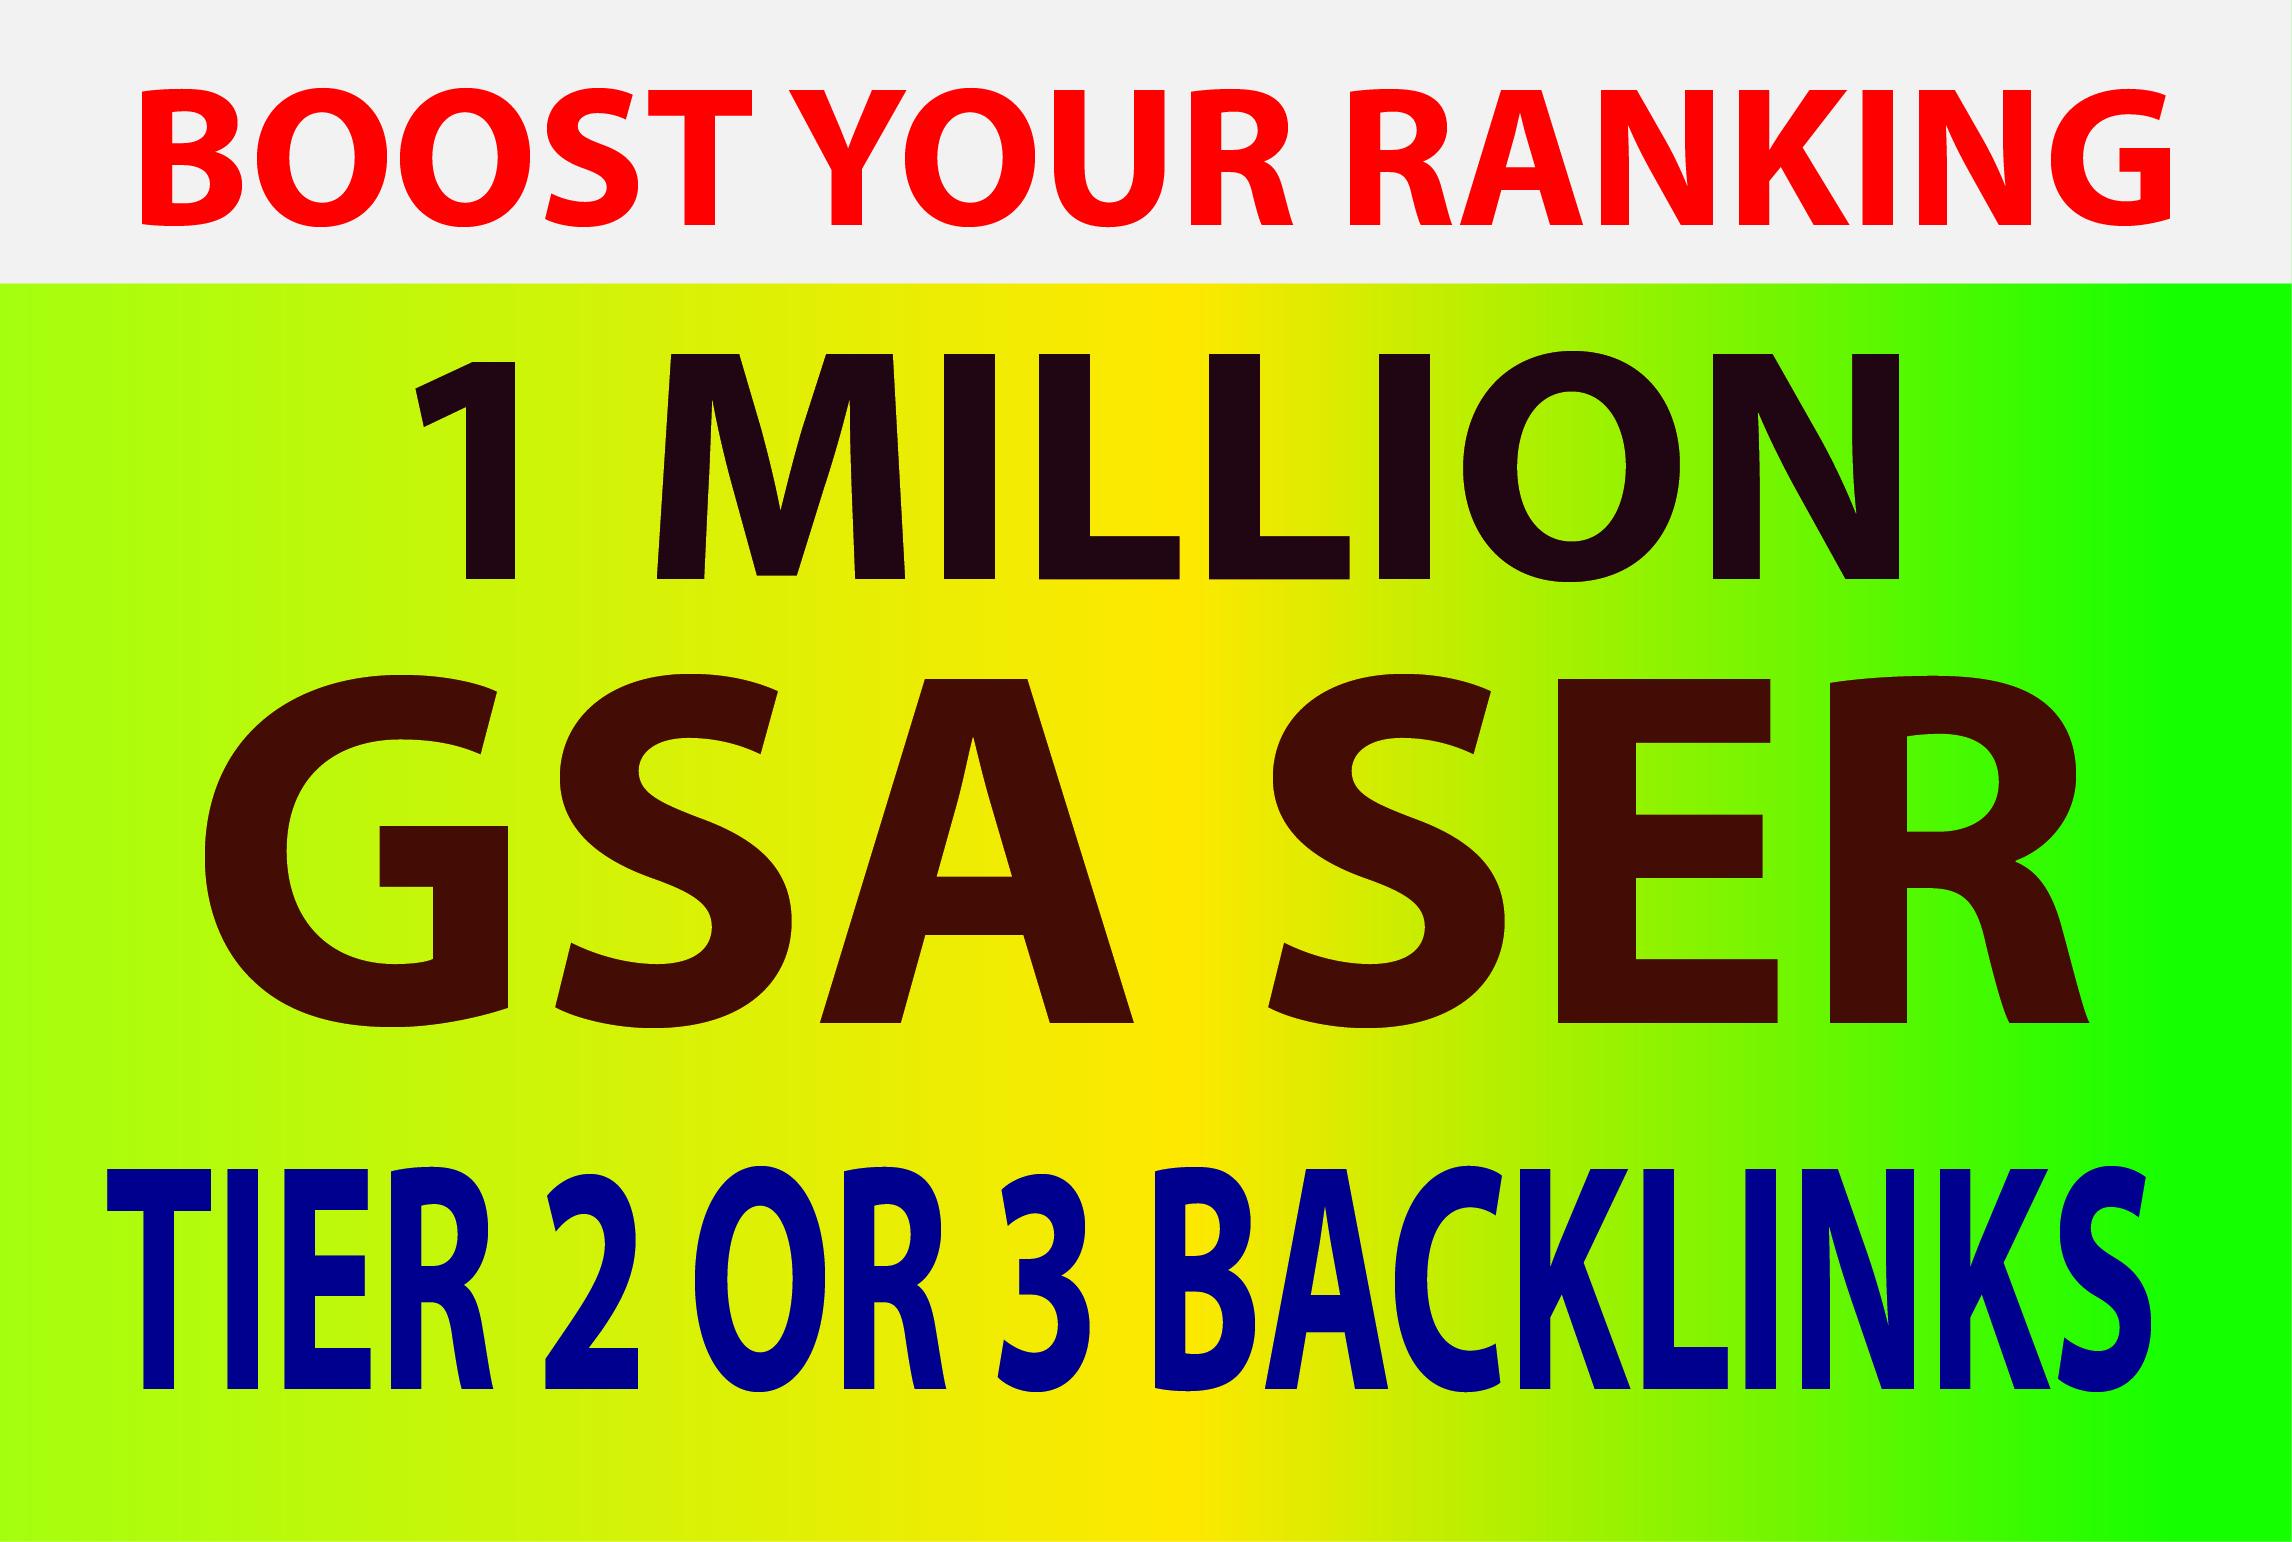 I will do 1 million tier 2 or 3 GSA SER backlinks for higher ranking